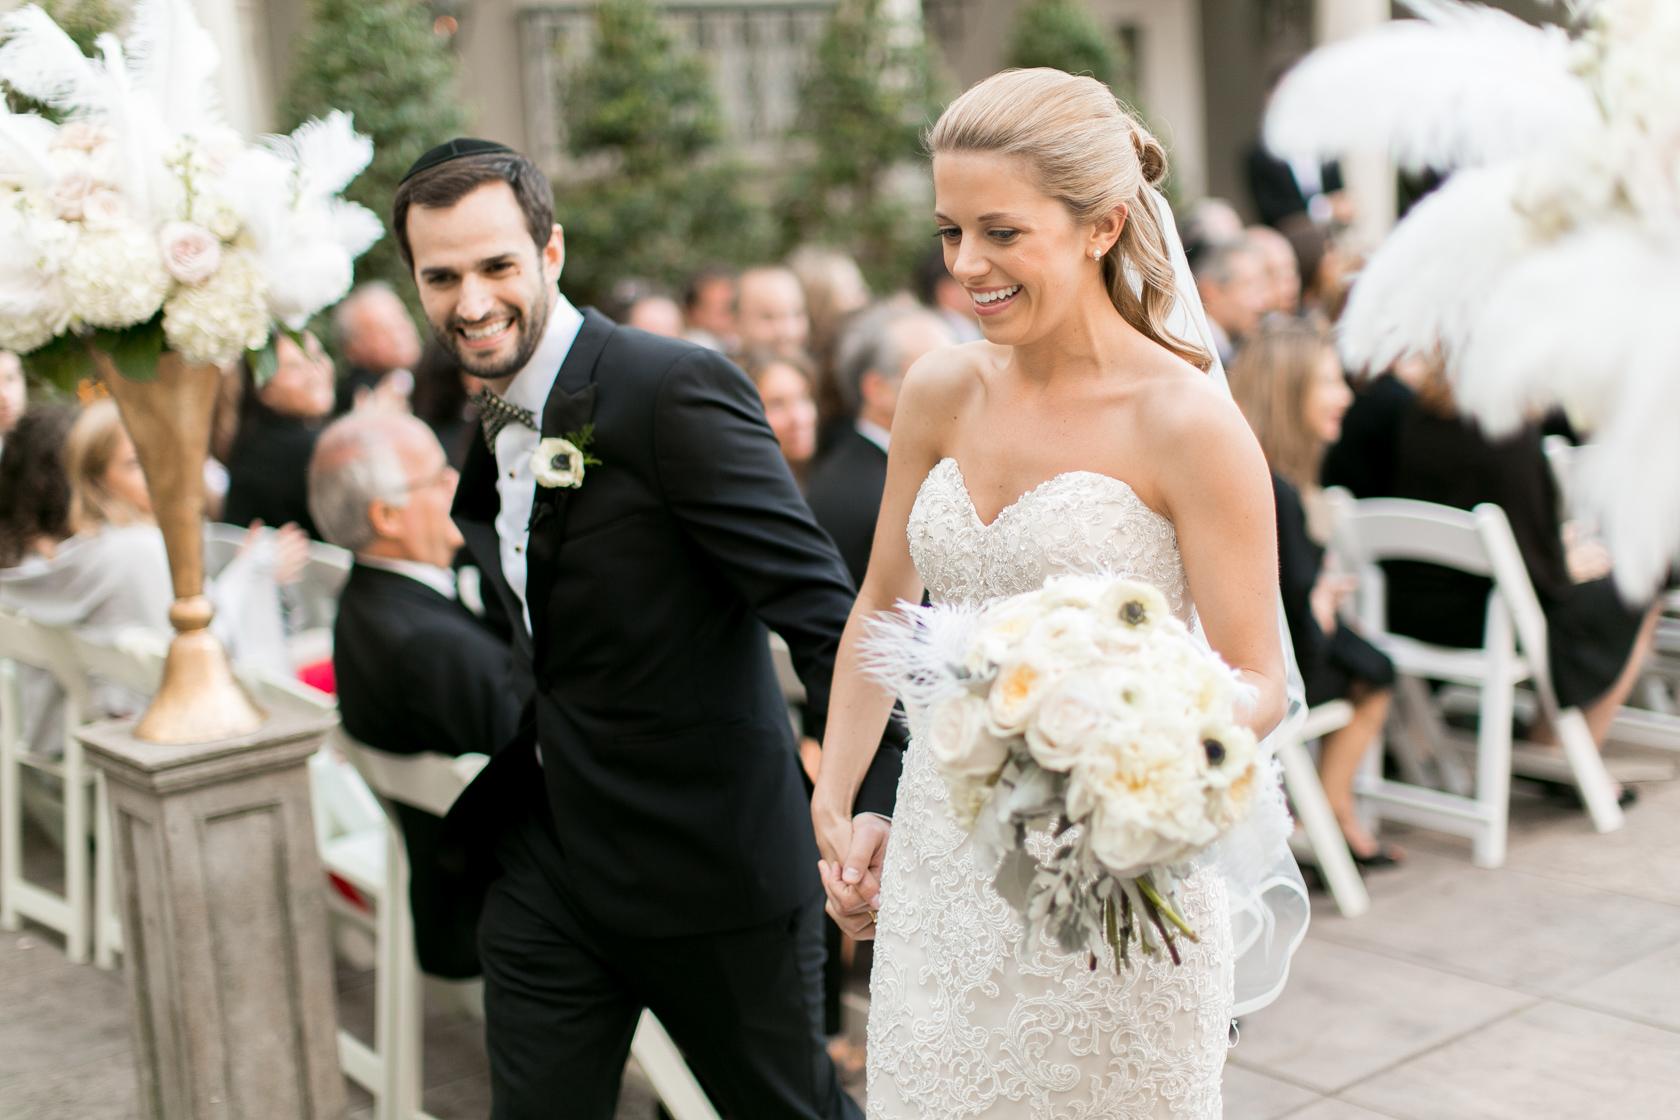 omni royal orleans courtyard wedding ceremony 06